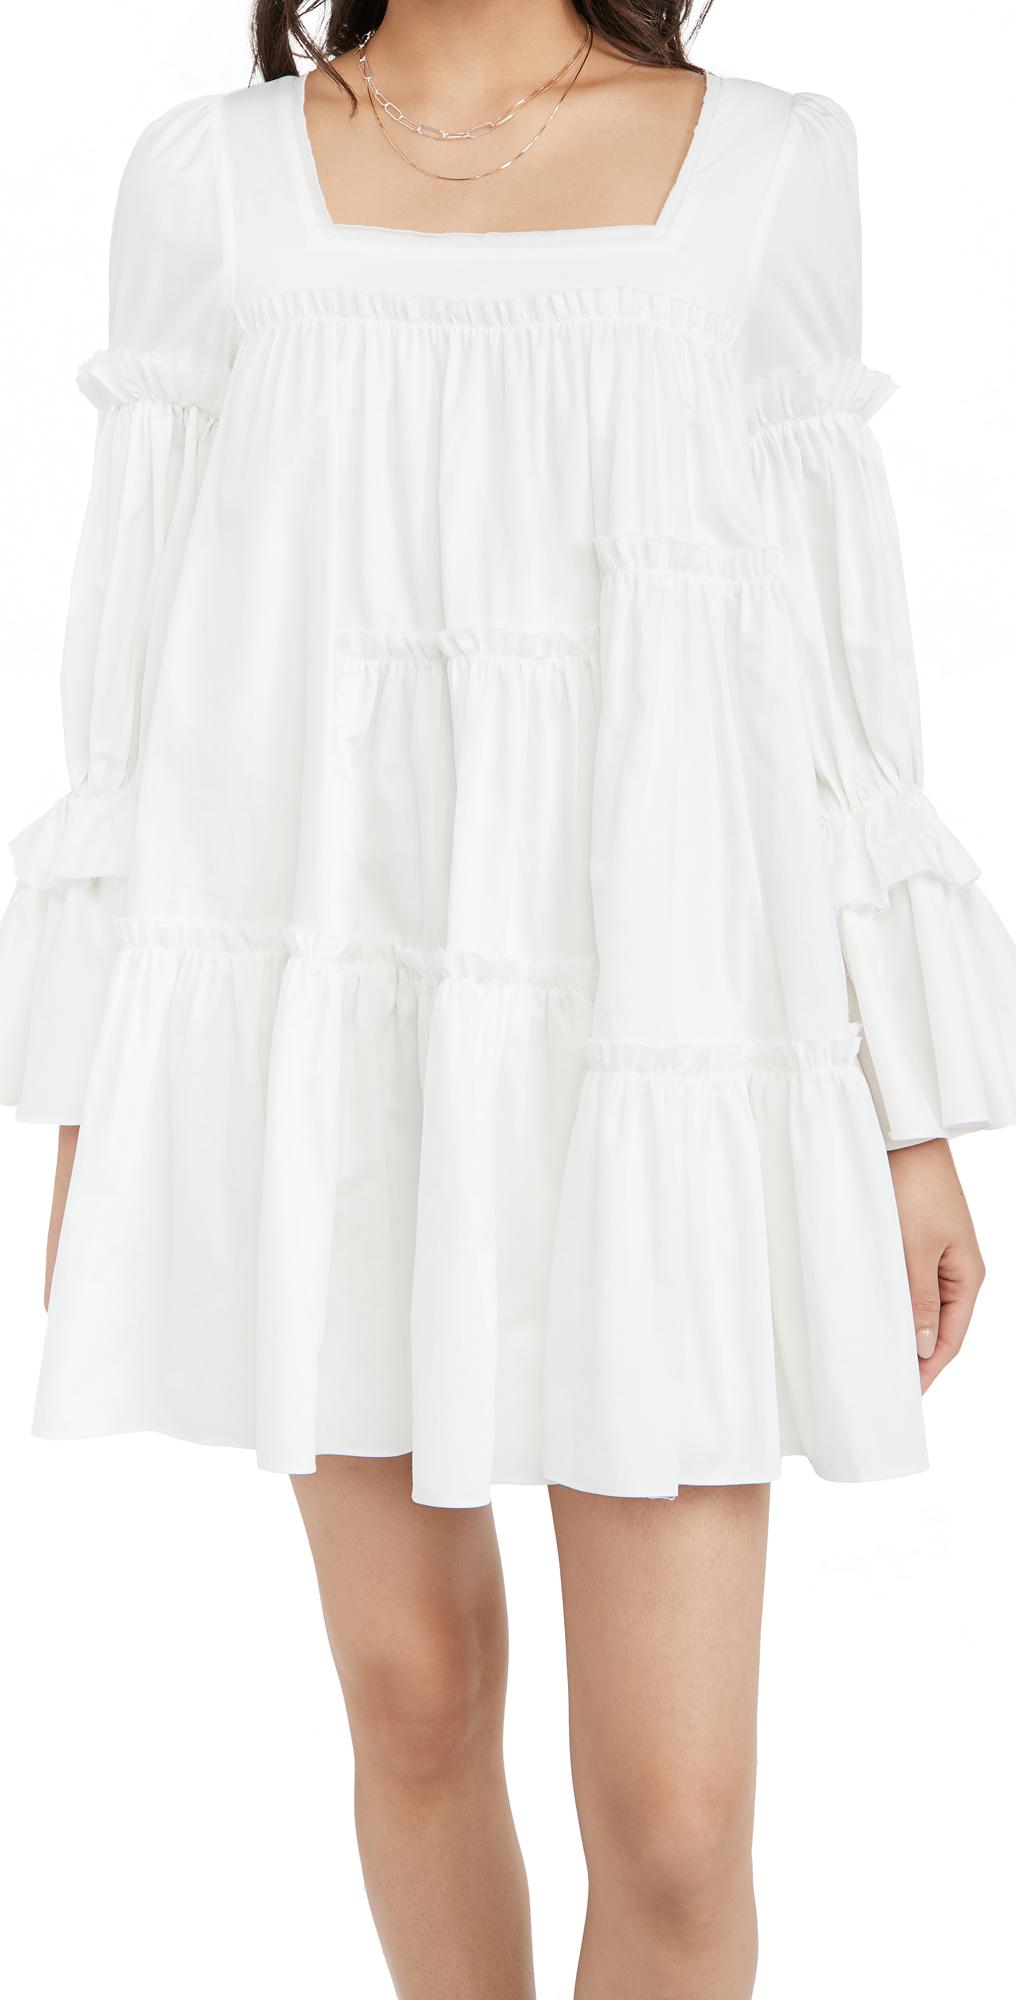 Aje L'Espirit Mini Dress